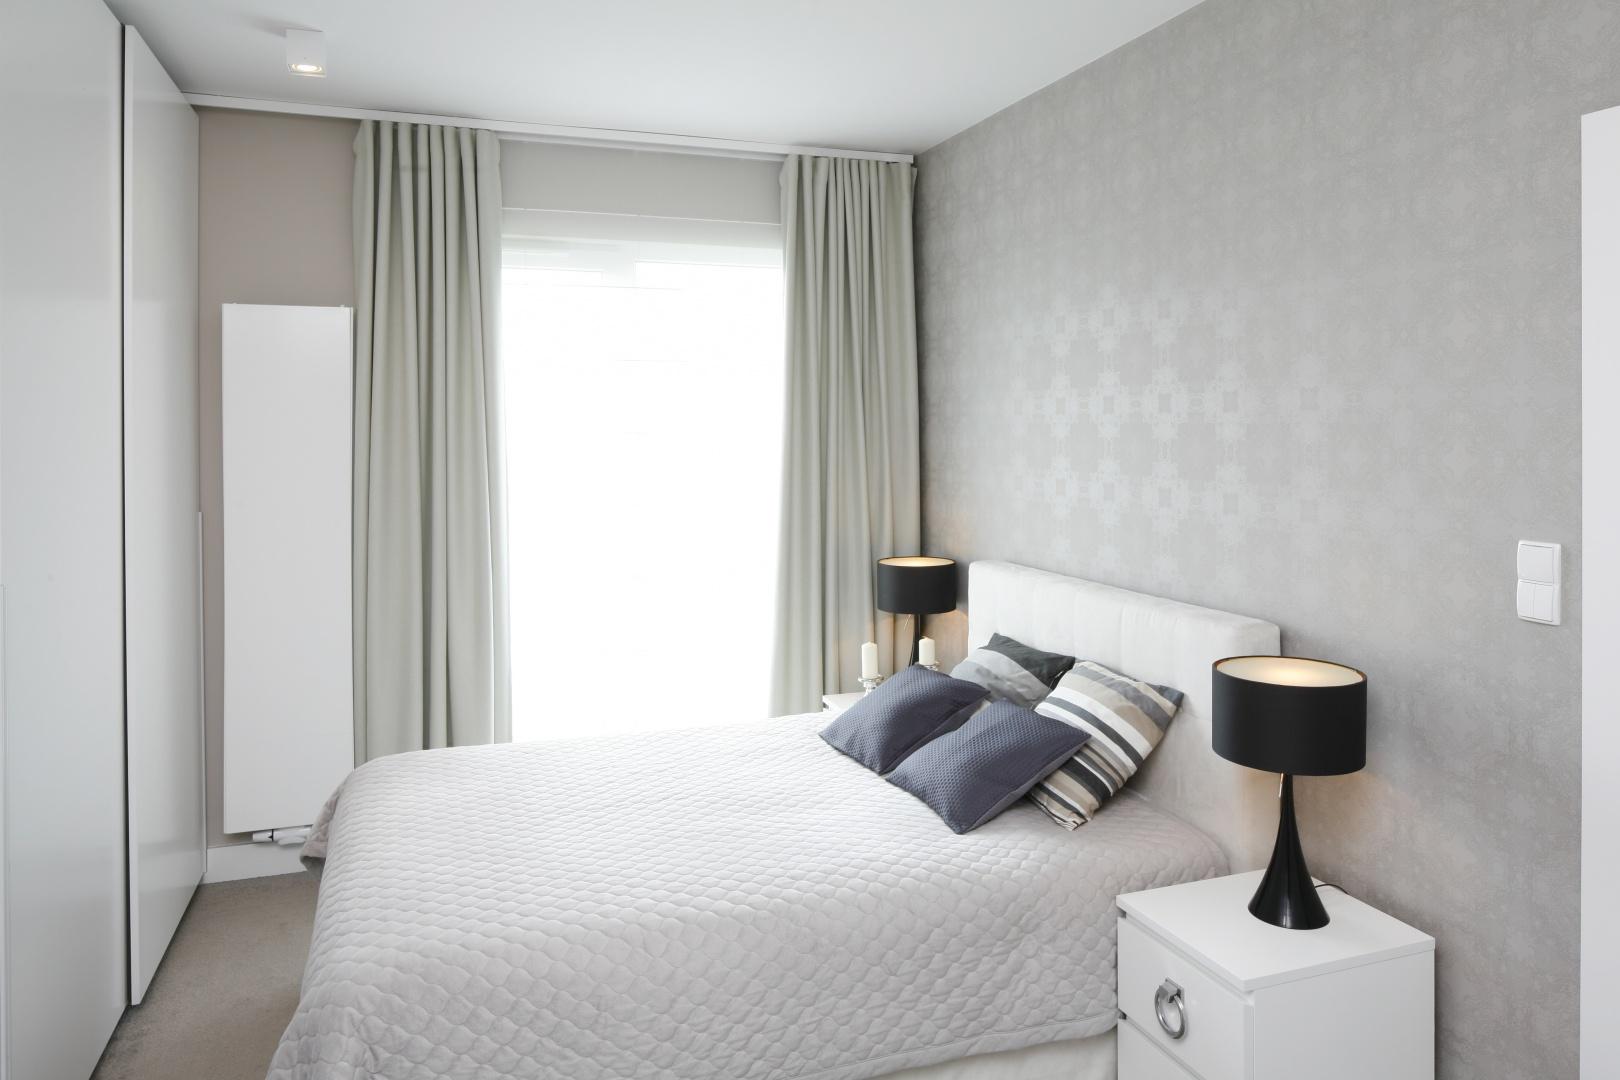 Zwiewne, szare zasłony oraz biel wizualnie studzą aranżację sypialni. Projekt: Małgorzata Galewska. Fot. Bartosz Jarosz